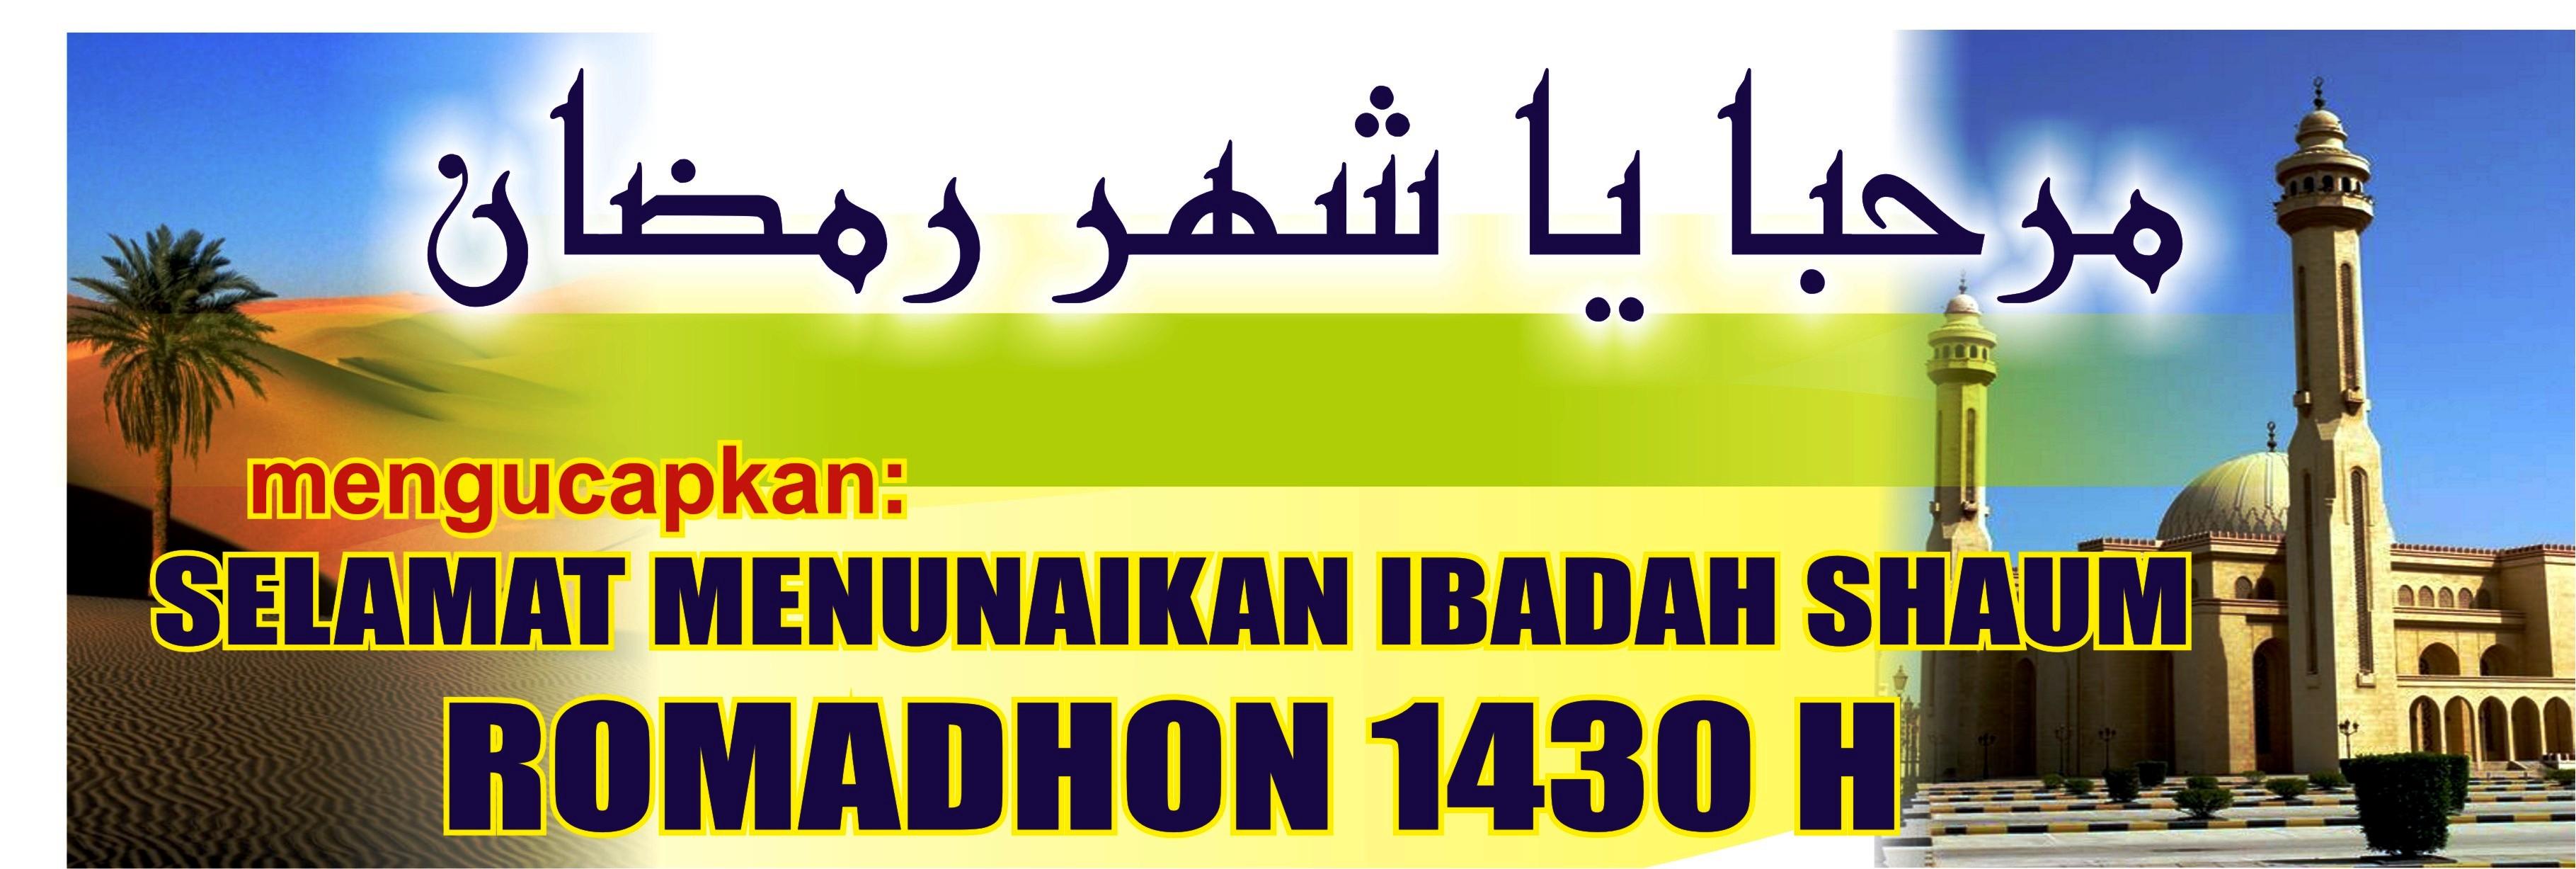 Download Spanduk Ramadhan, Gratis Download 5 model